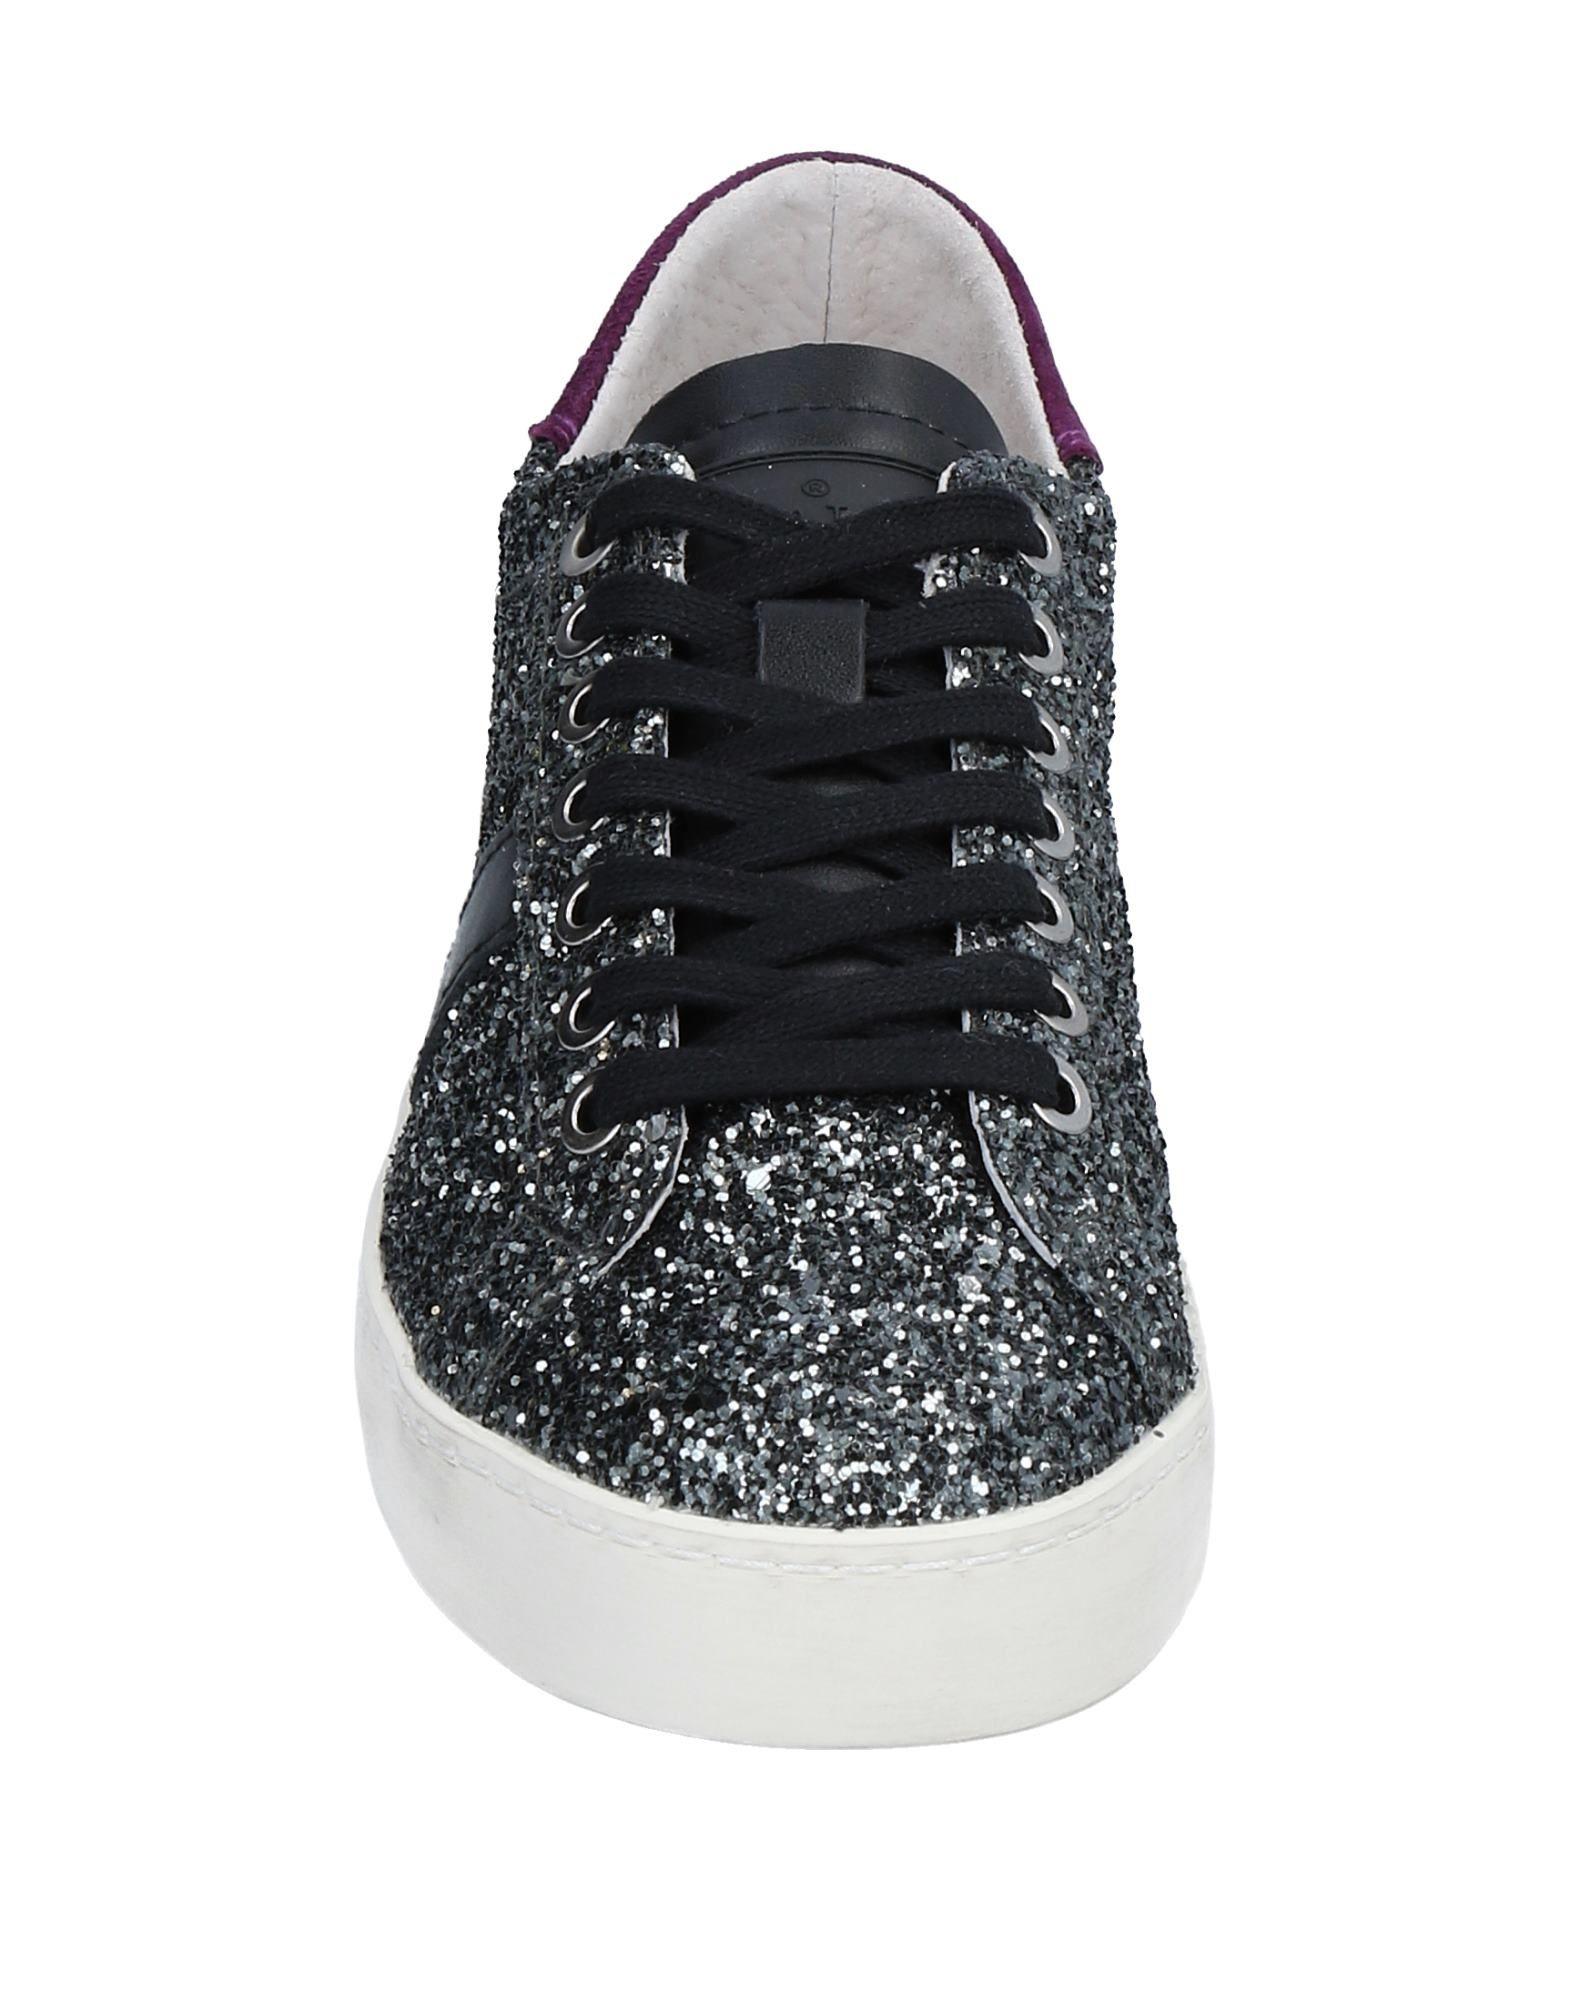 D.A.T.E. Sneakers Damen Qualität  11518272LF Gute Qualität Damen beliebte Schuhe 383f68